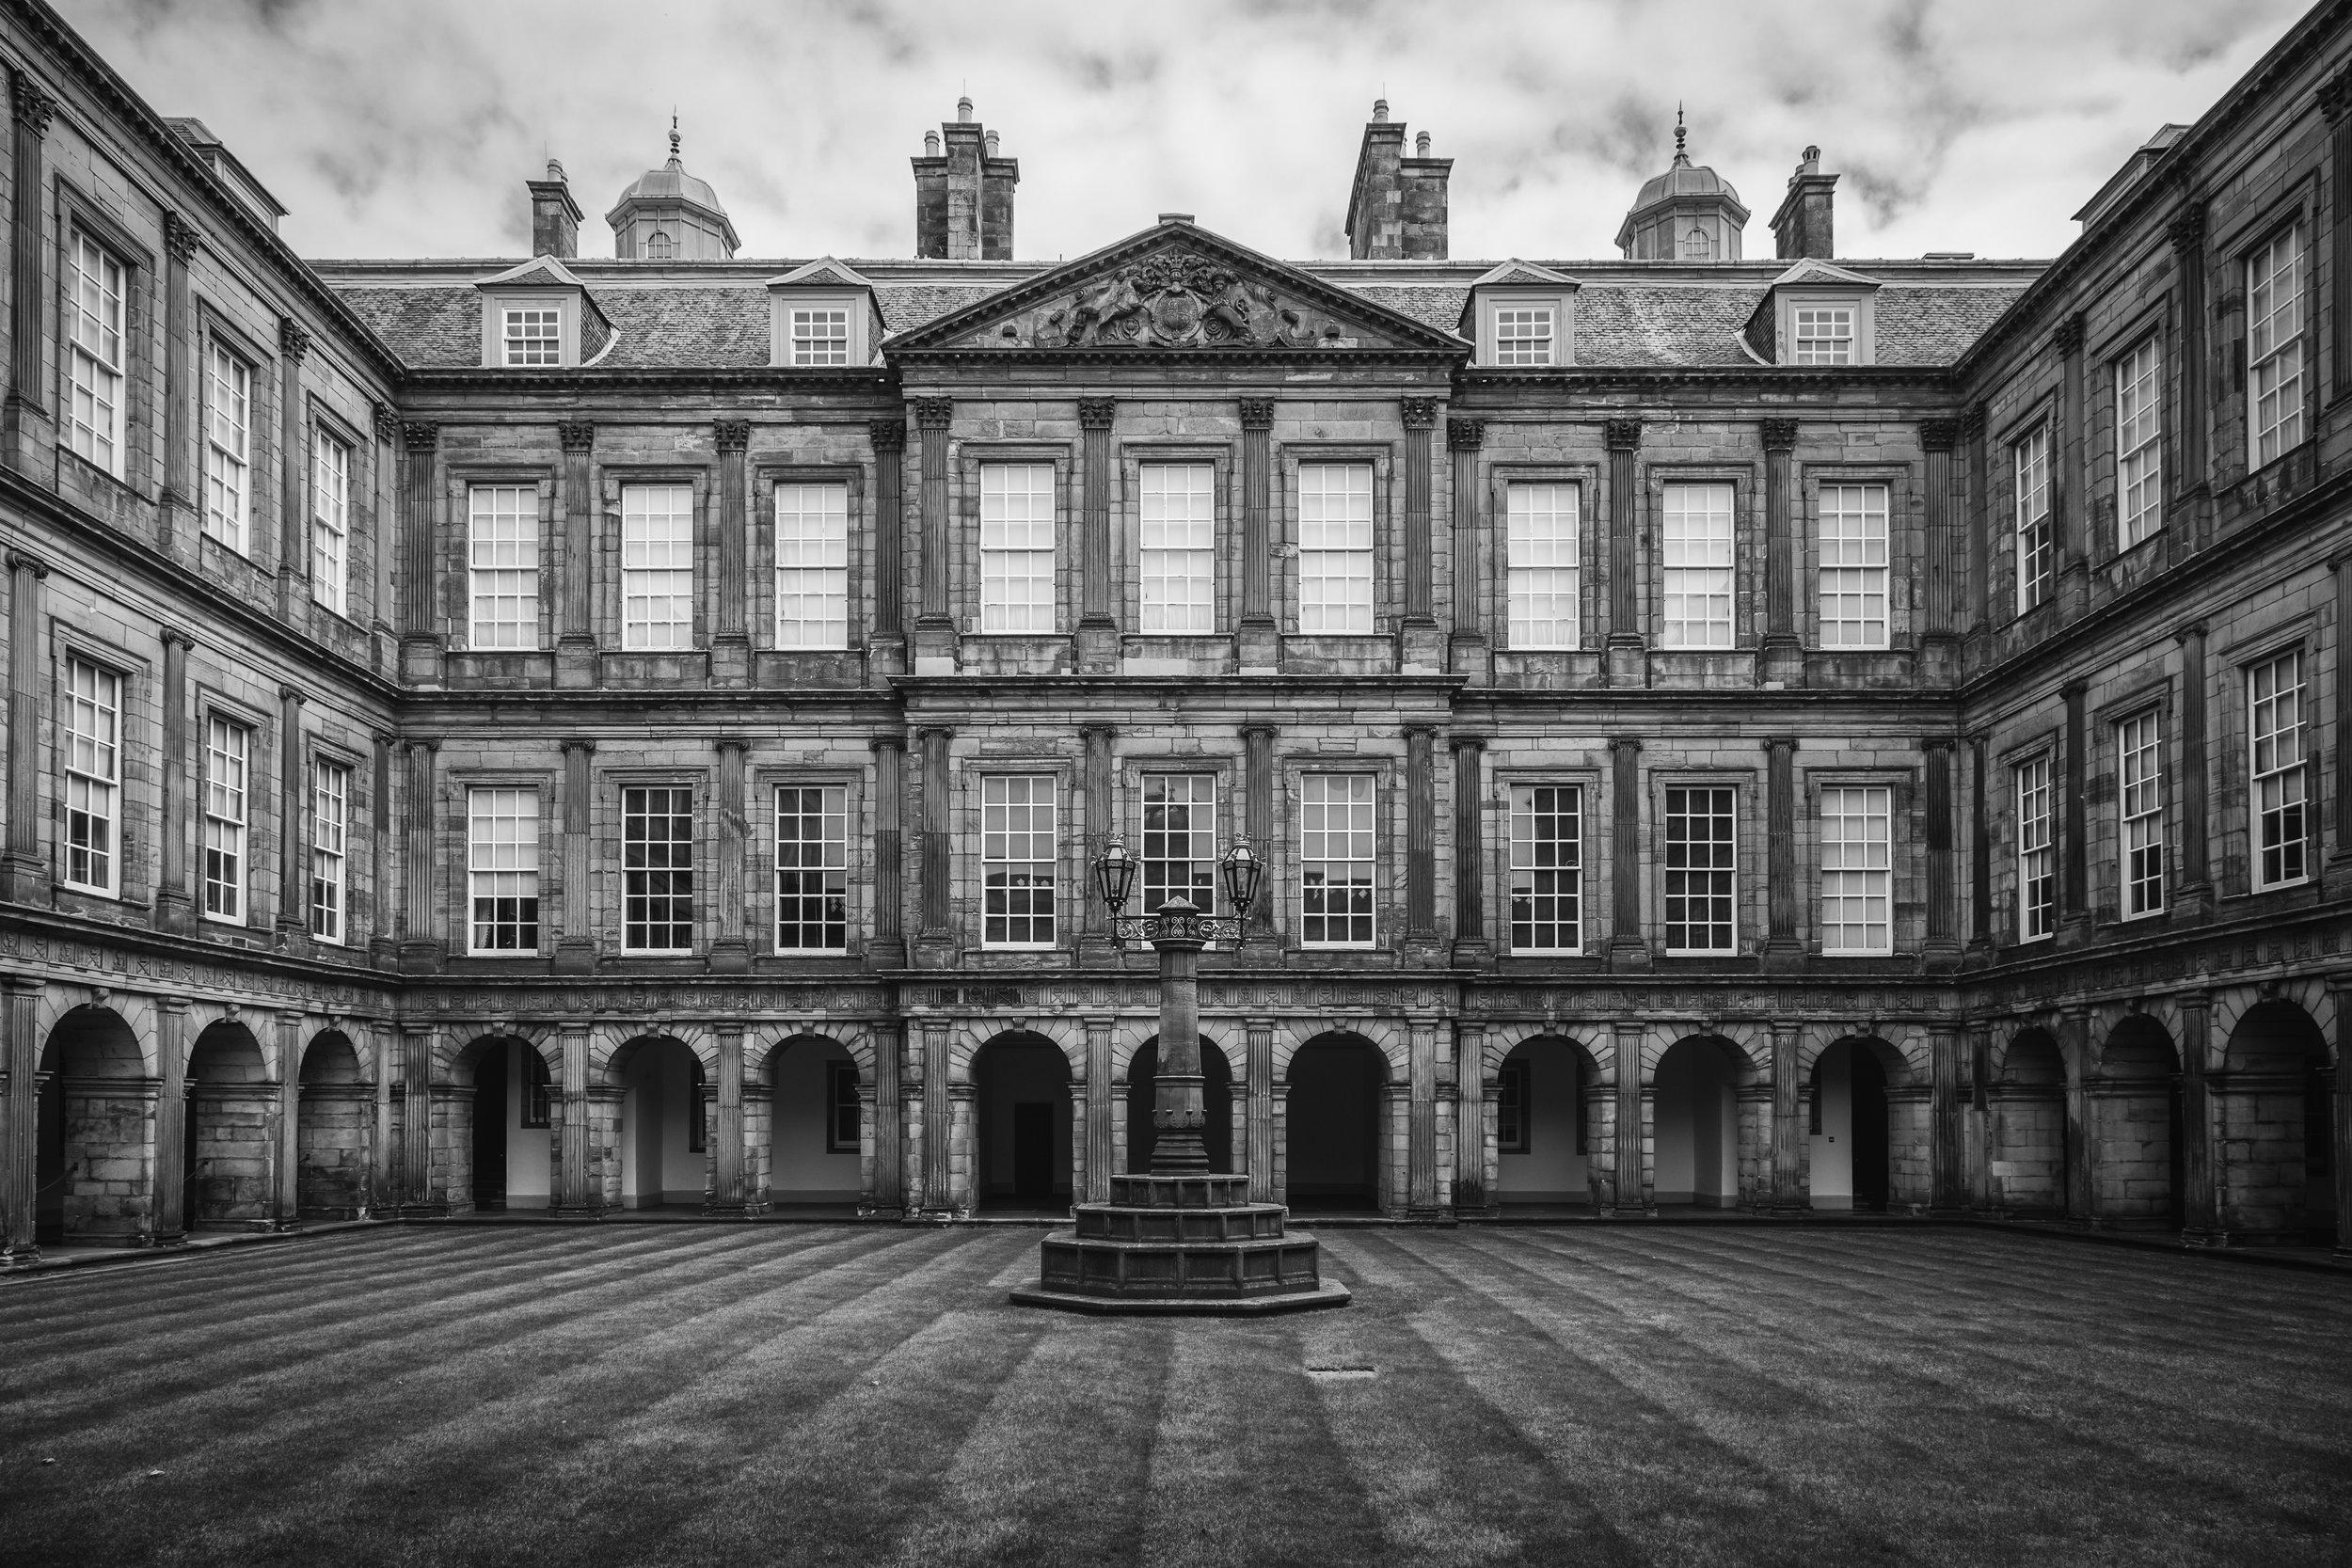 Hollyrood Palace, Edinburg